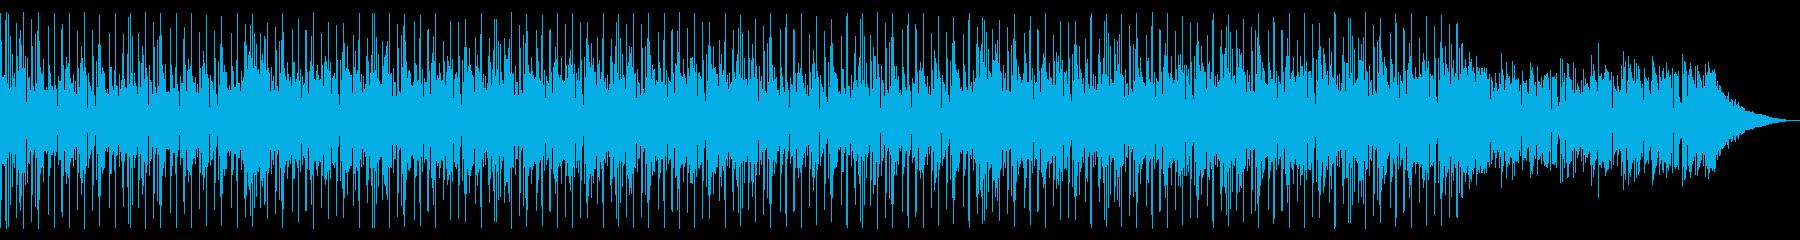 おしゃれ懐かしい80'sディスコファンクの再生済みの波形